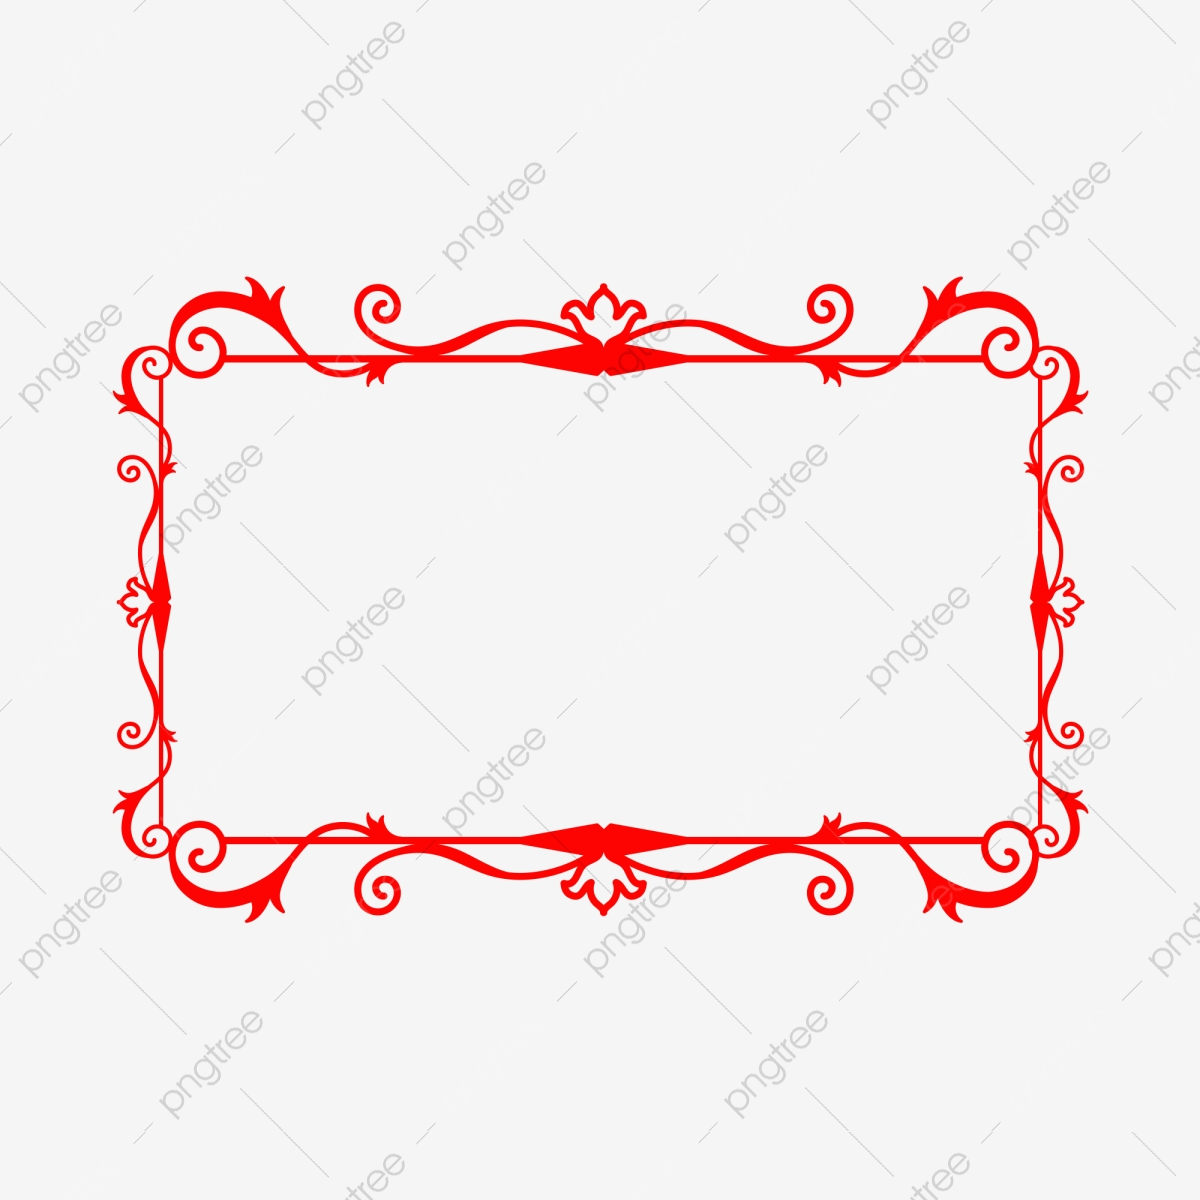 النمط الصيني الحدود تصميم مربع أحمر الملمس أحمر إطار النمط الصيني Png وملف Psd للتحميل مجانا